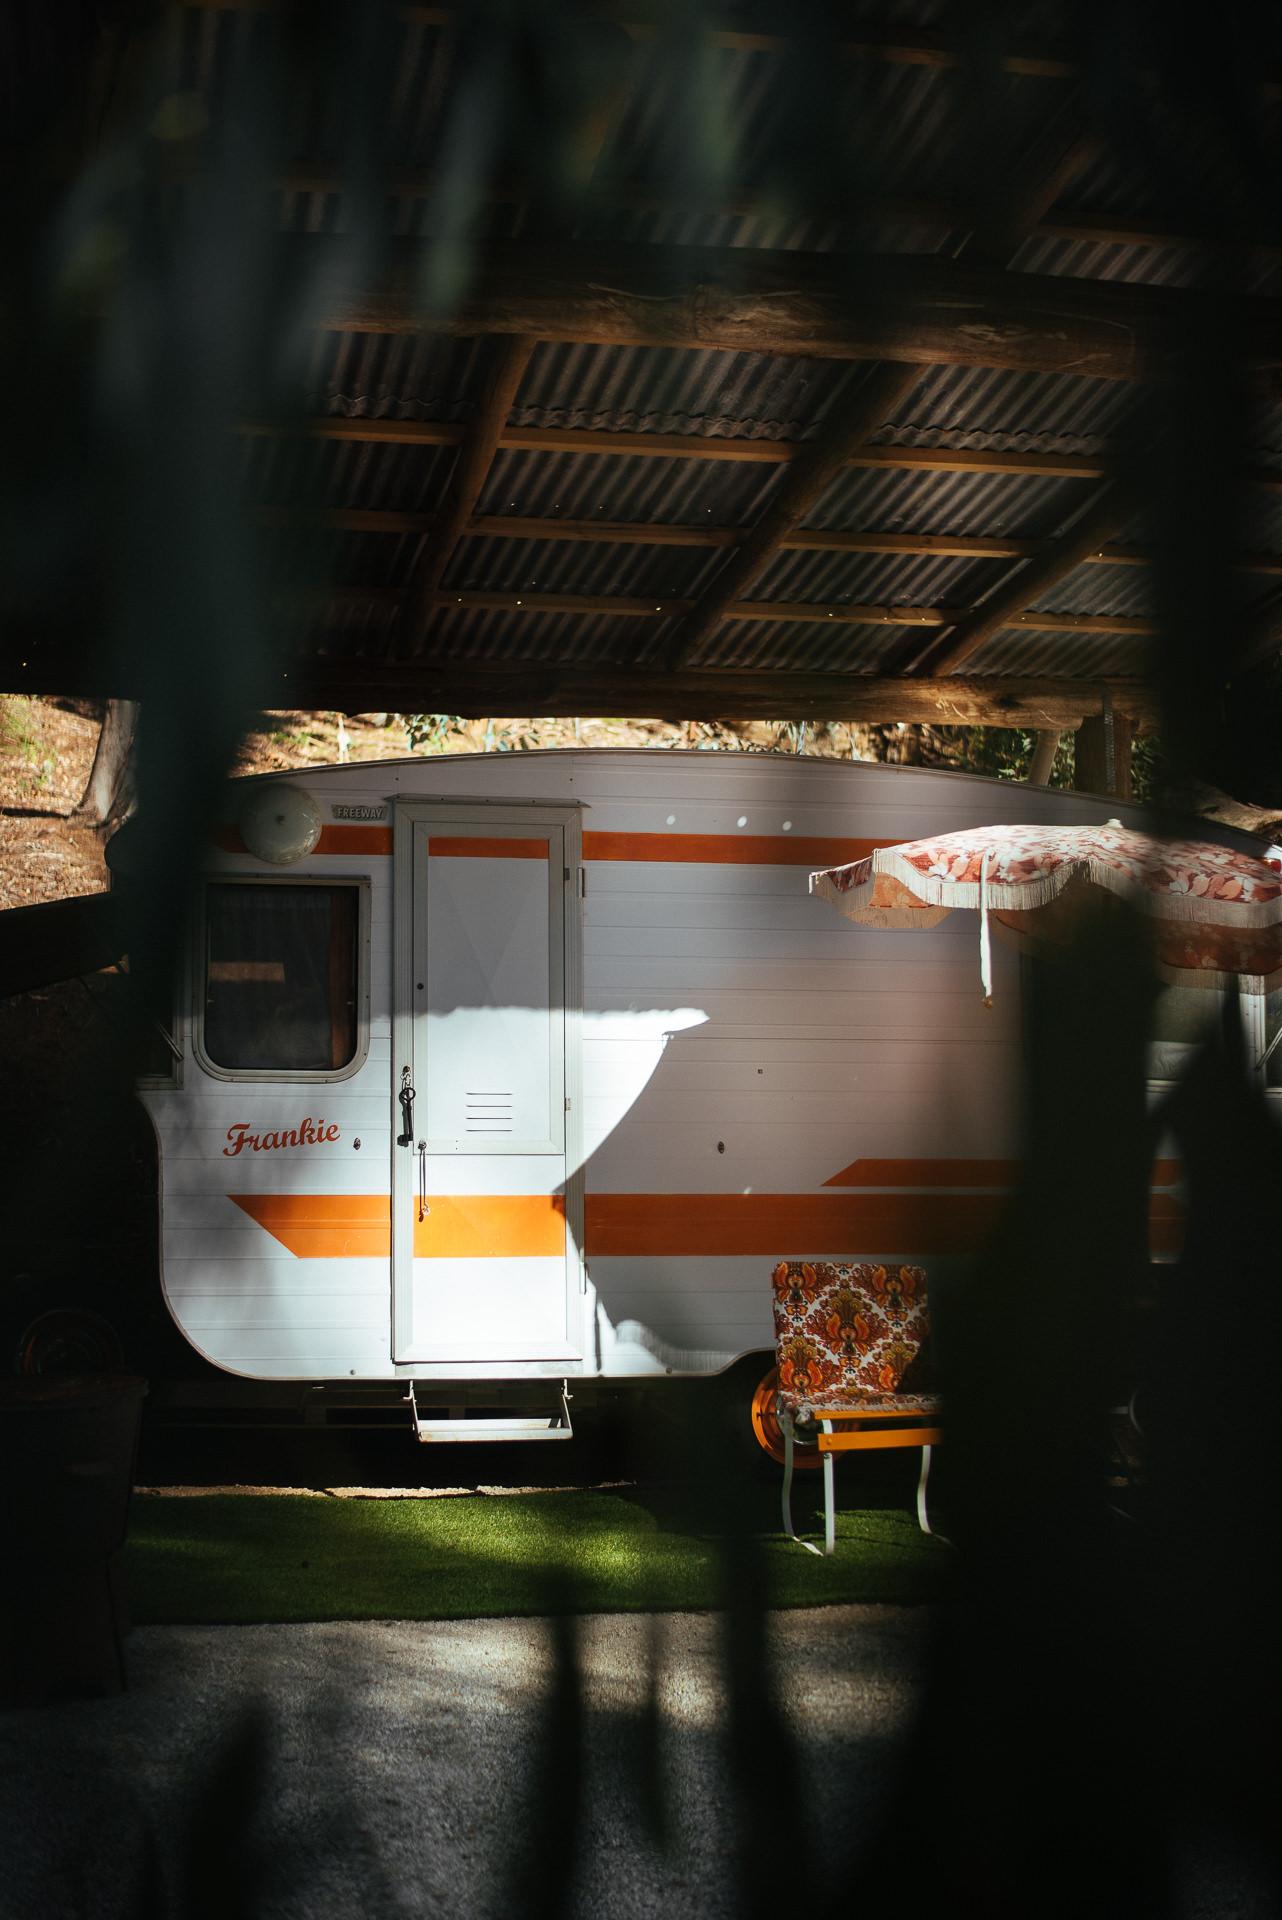 Frankie Vintage Caravan 09 Jaccob McKay Studios.jpg